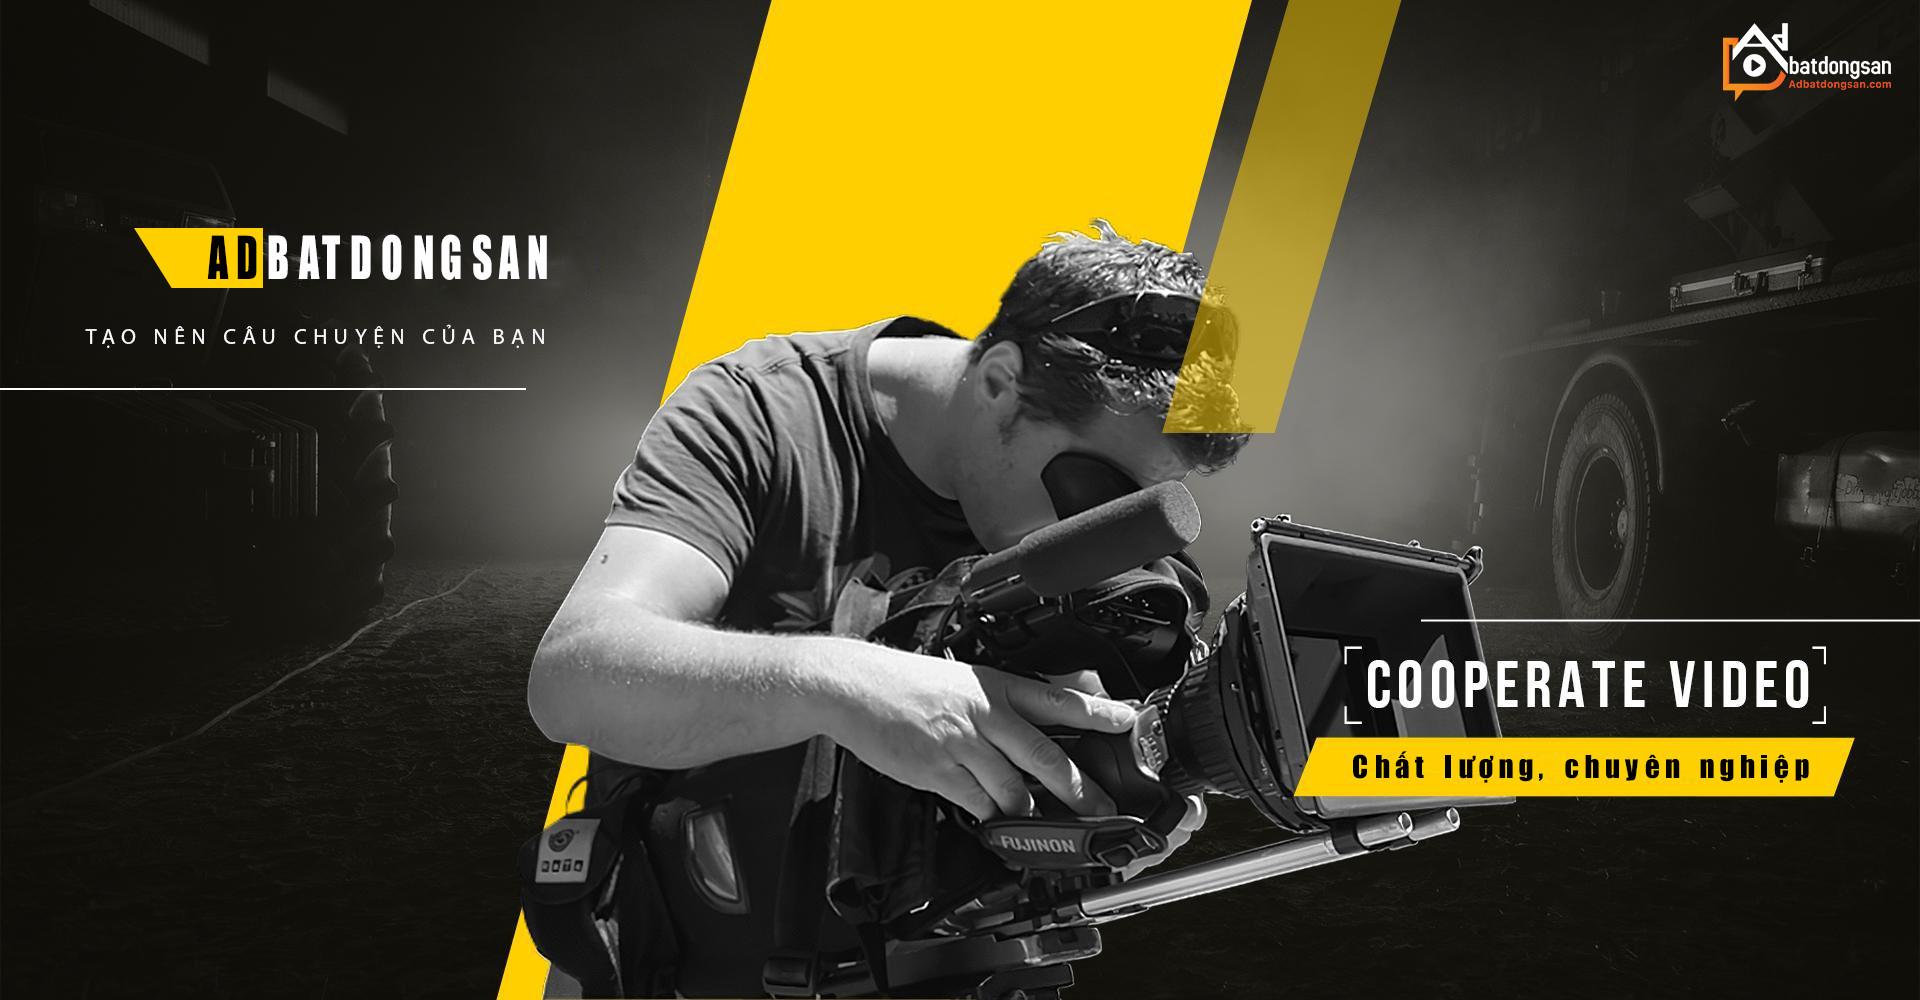 Quay phim chụp hình Bất động sản chuyên nghiệp| Chất lượng 4K